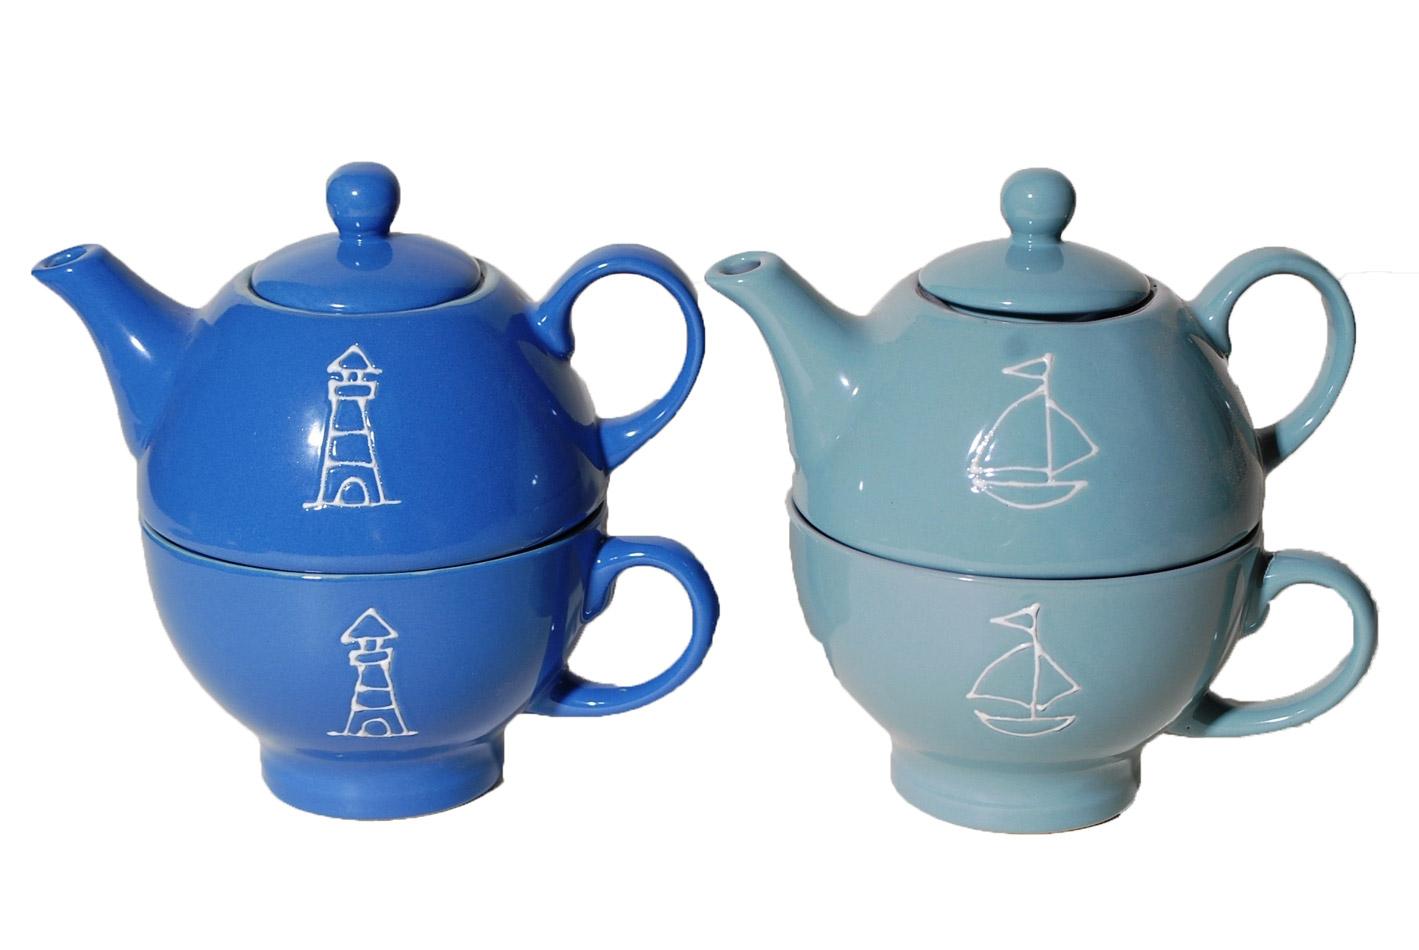 Σετ 2τμχ Τσαγιερό Με Φλυτζάνι Κεραμικό Royal Art 400ml VOB35140C/D (Υλικό: Κεραμικό, Χρώμα: Μπλε) – Royal Art Collection – VOB35140C/D